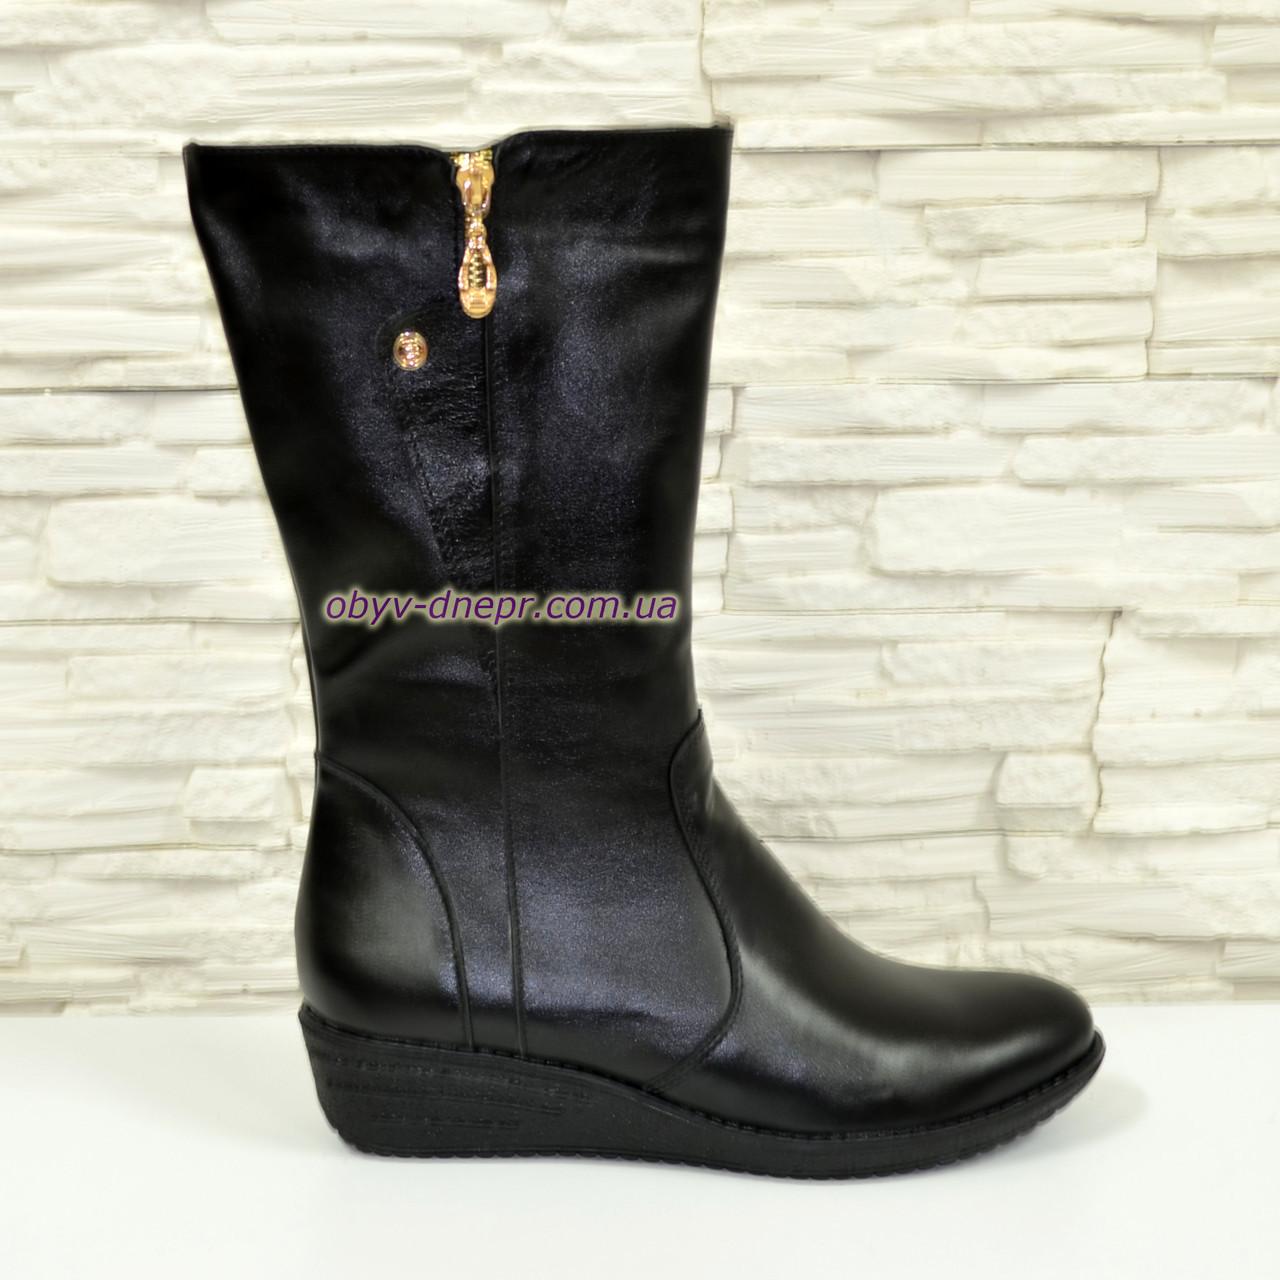 Женские ботинки на невысокой платформе, натуральная черная кожа. Широкая голень!